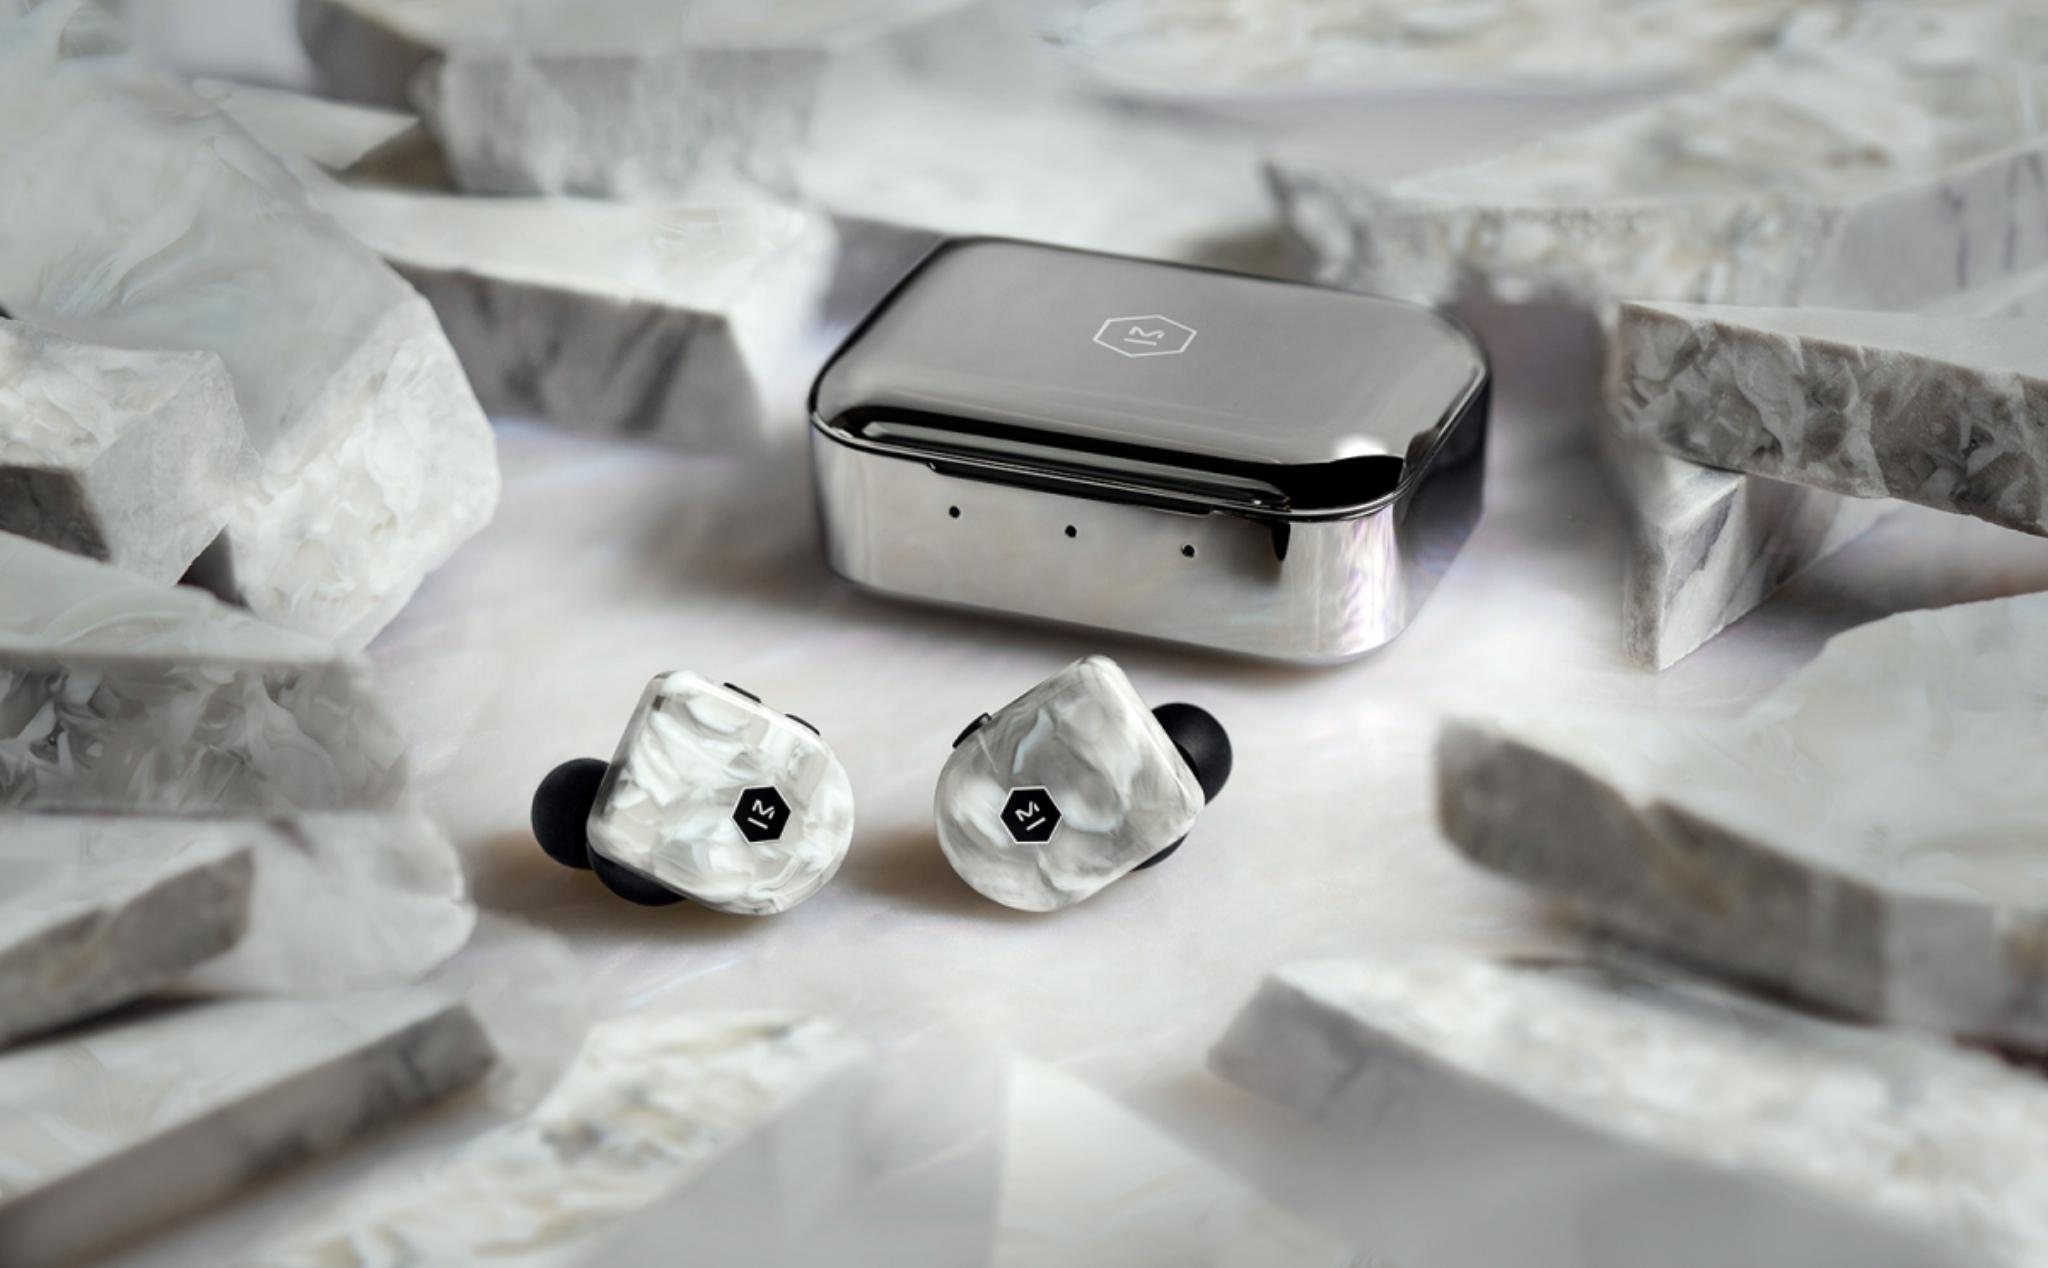 10 bộ tai nghe true wireless tốt nhất xét theo từng tiêu chí